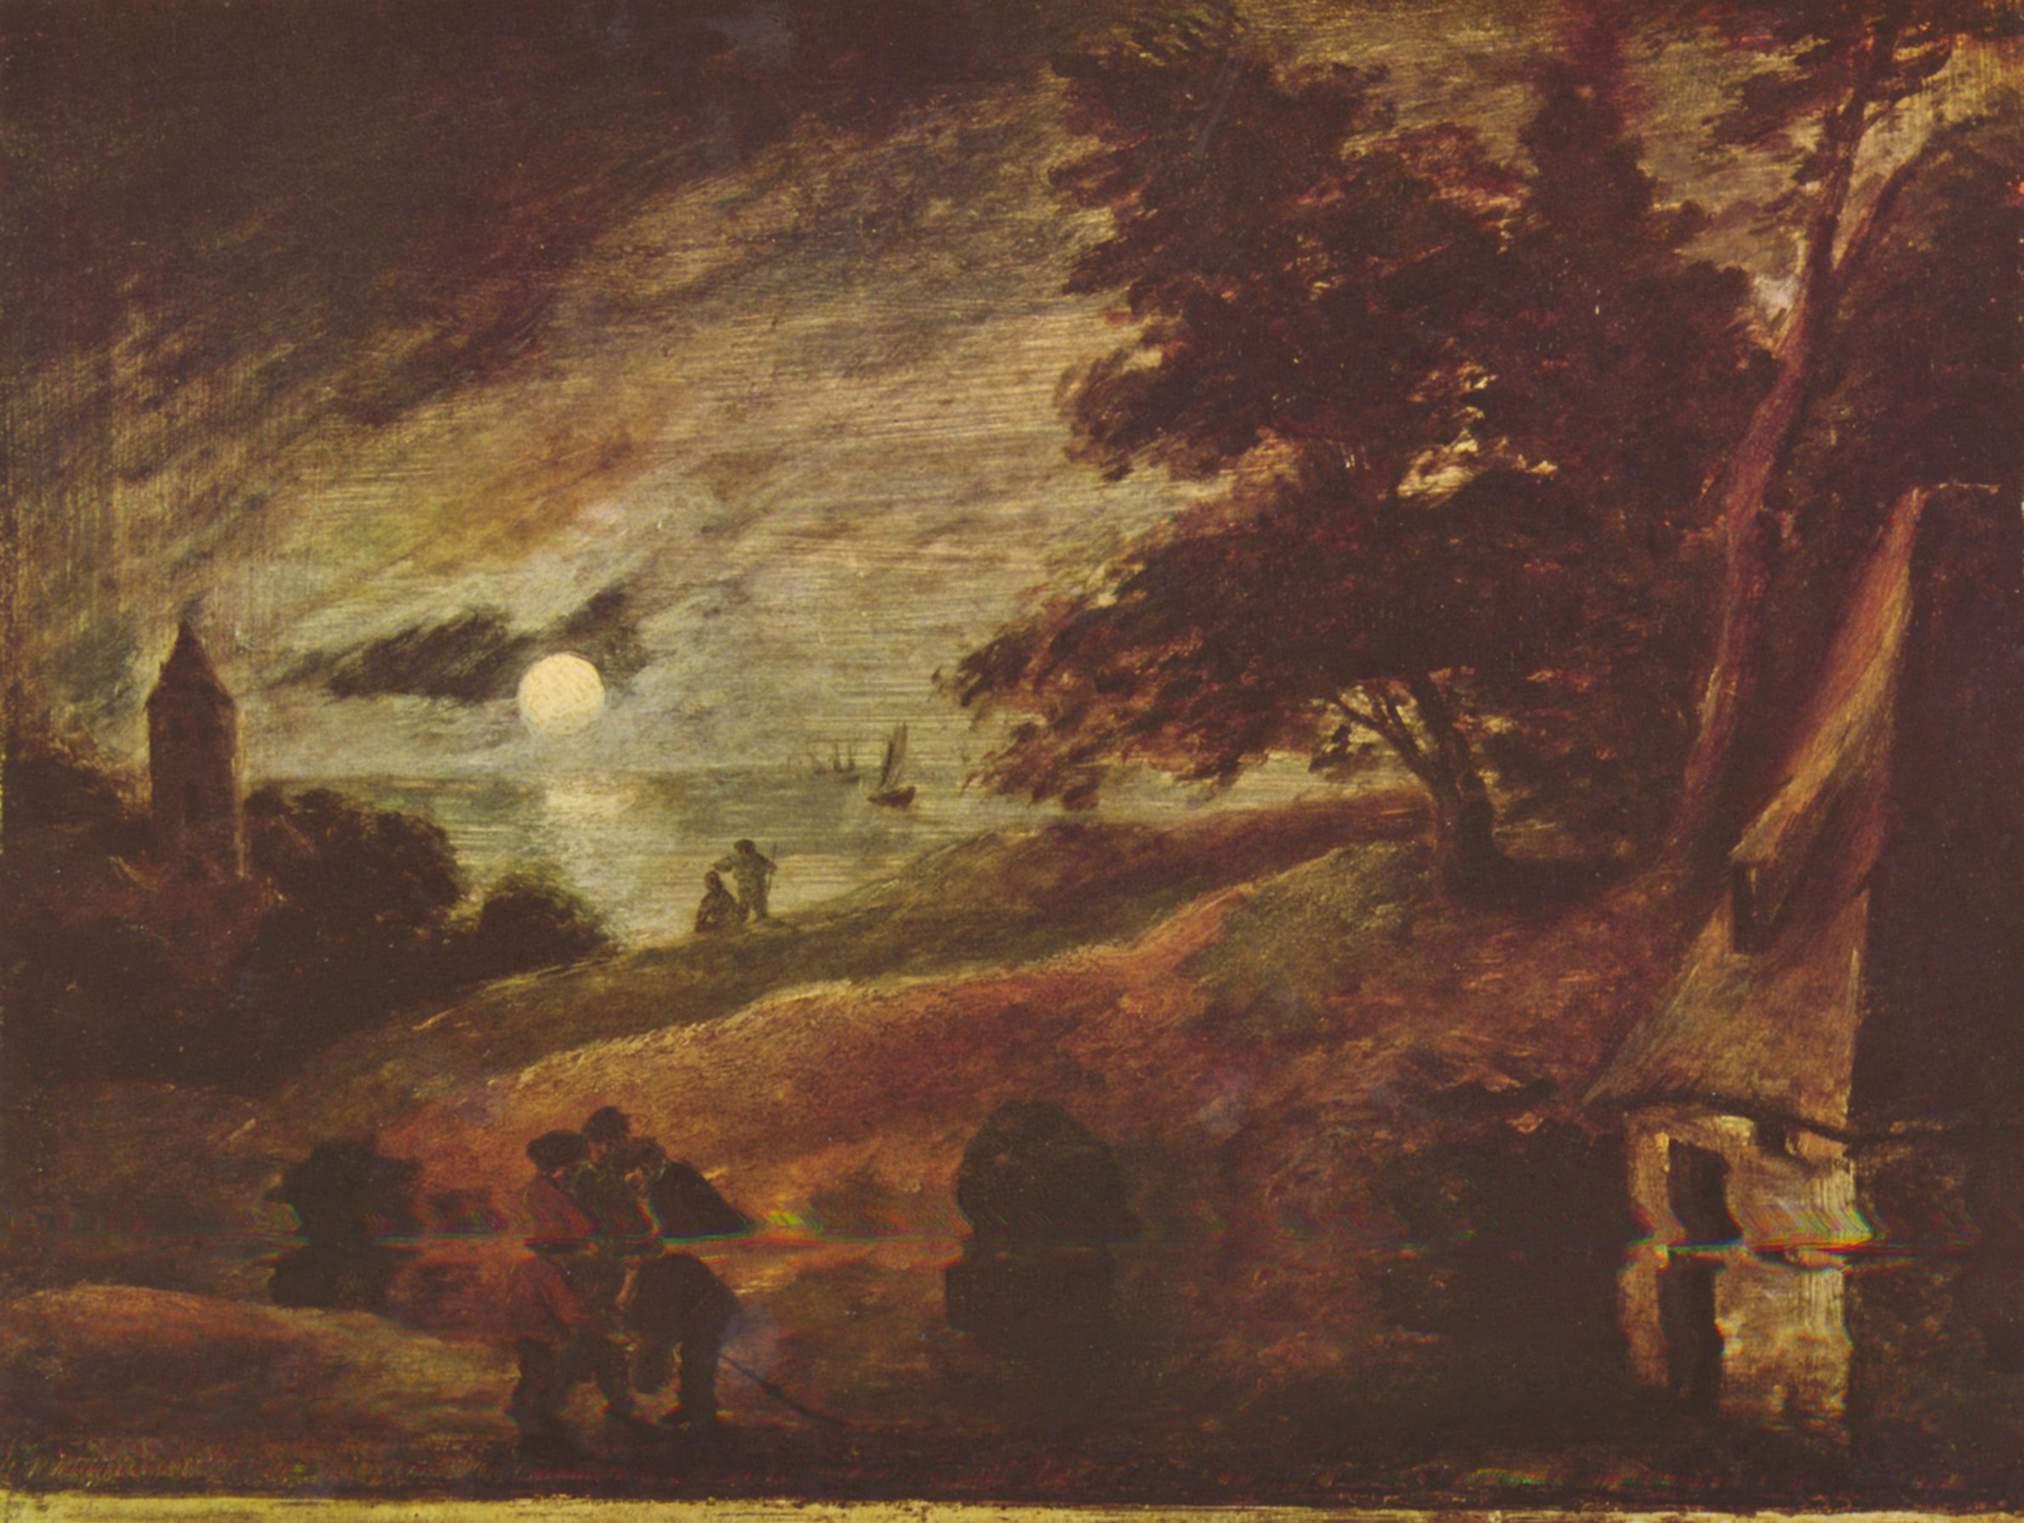 Moonlit landscape, 1636